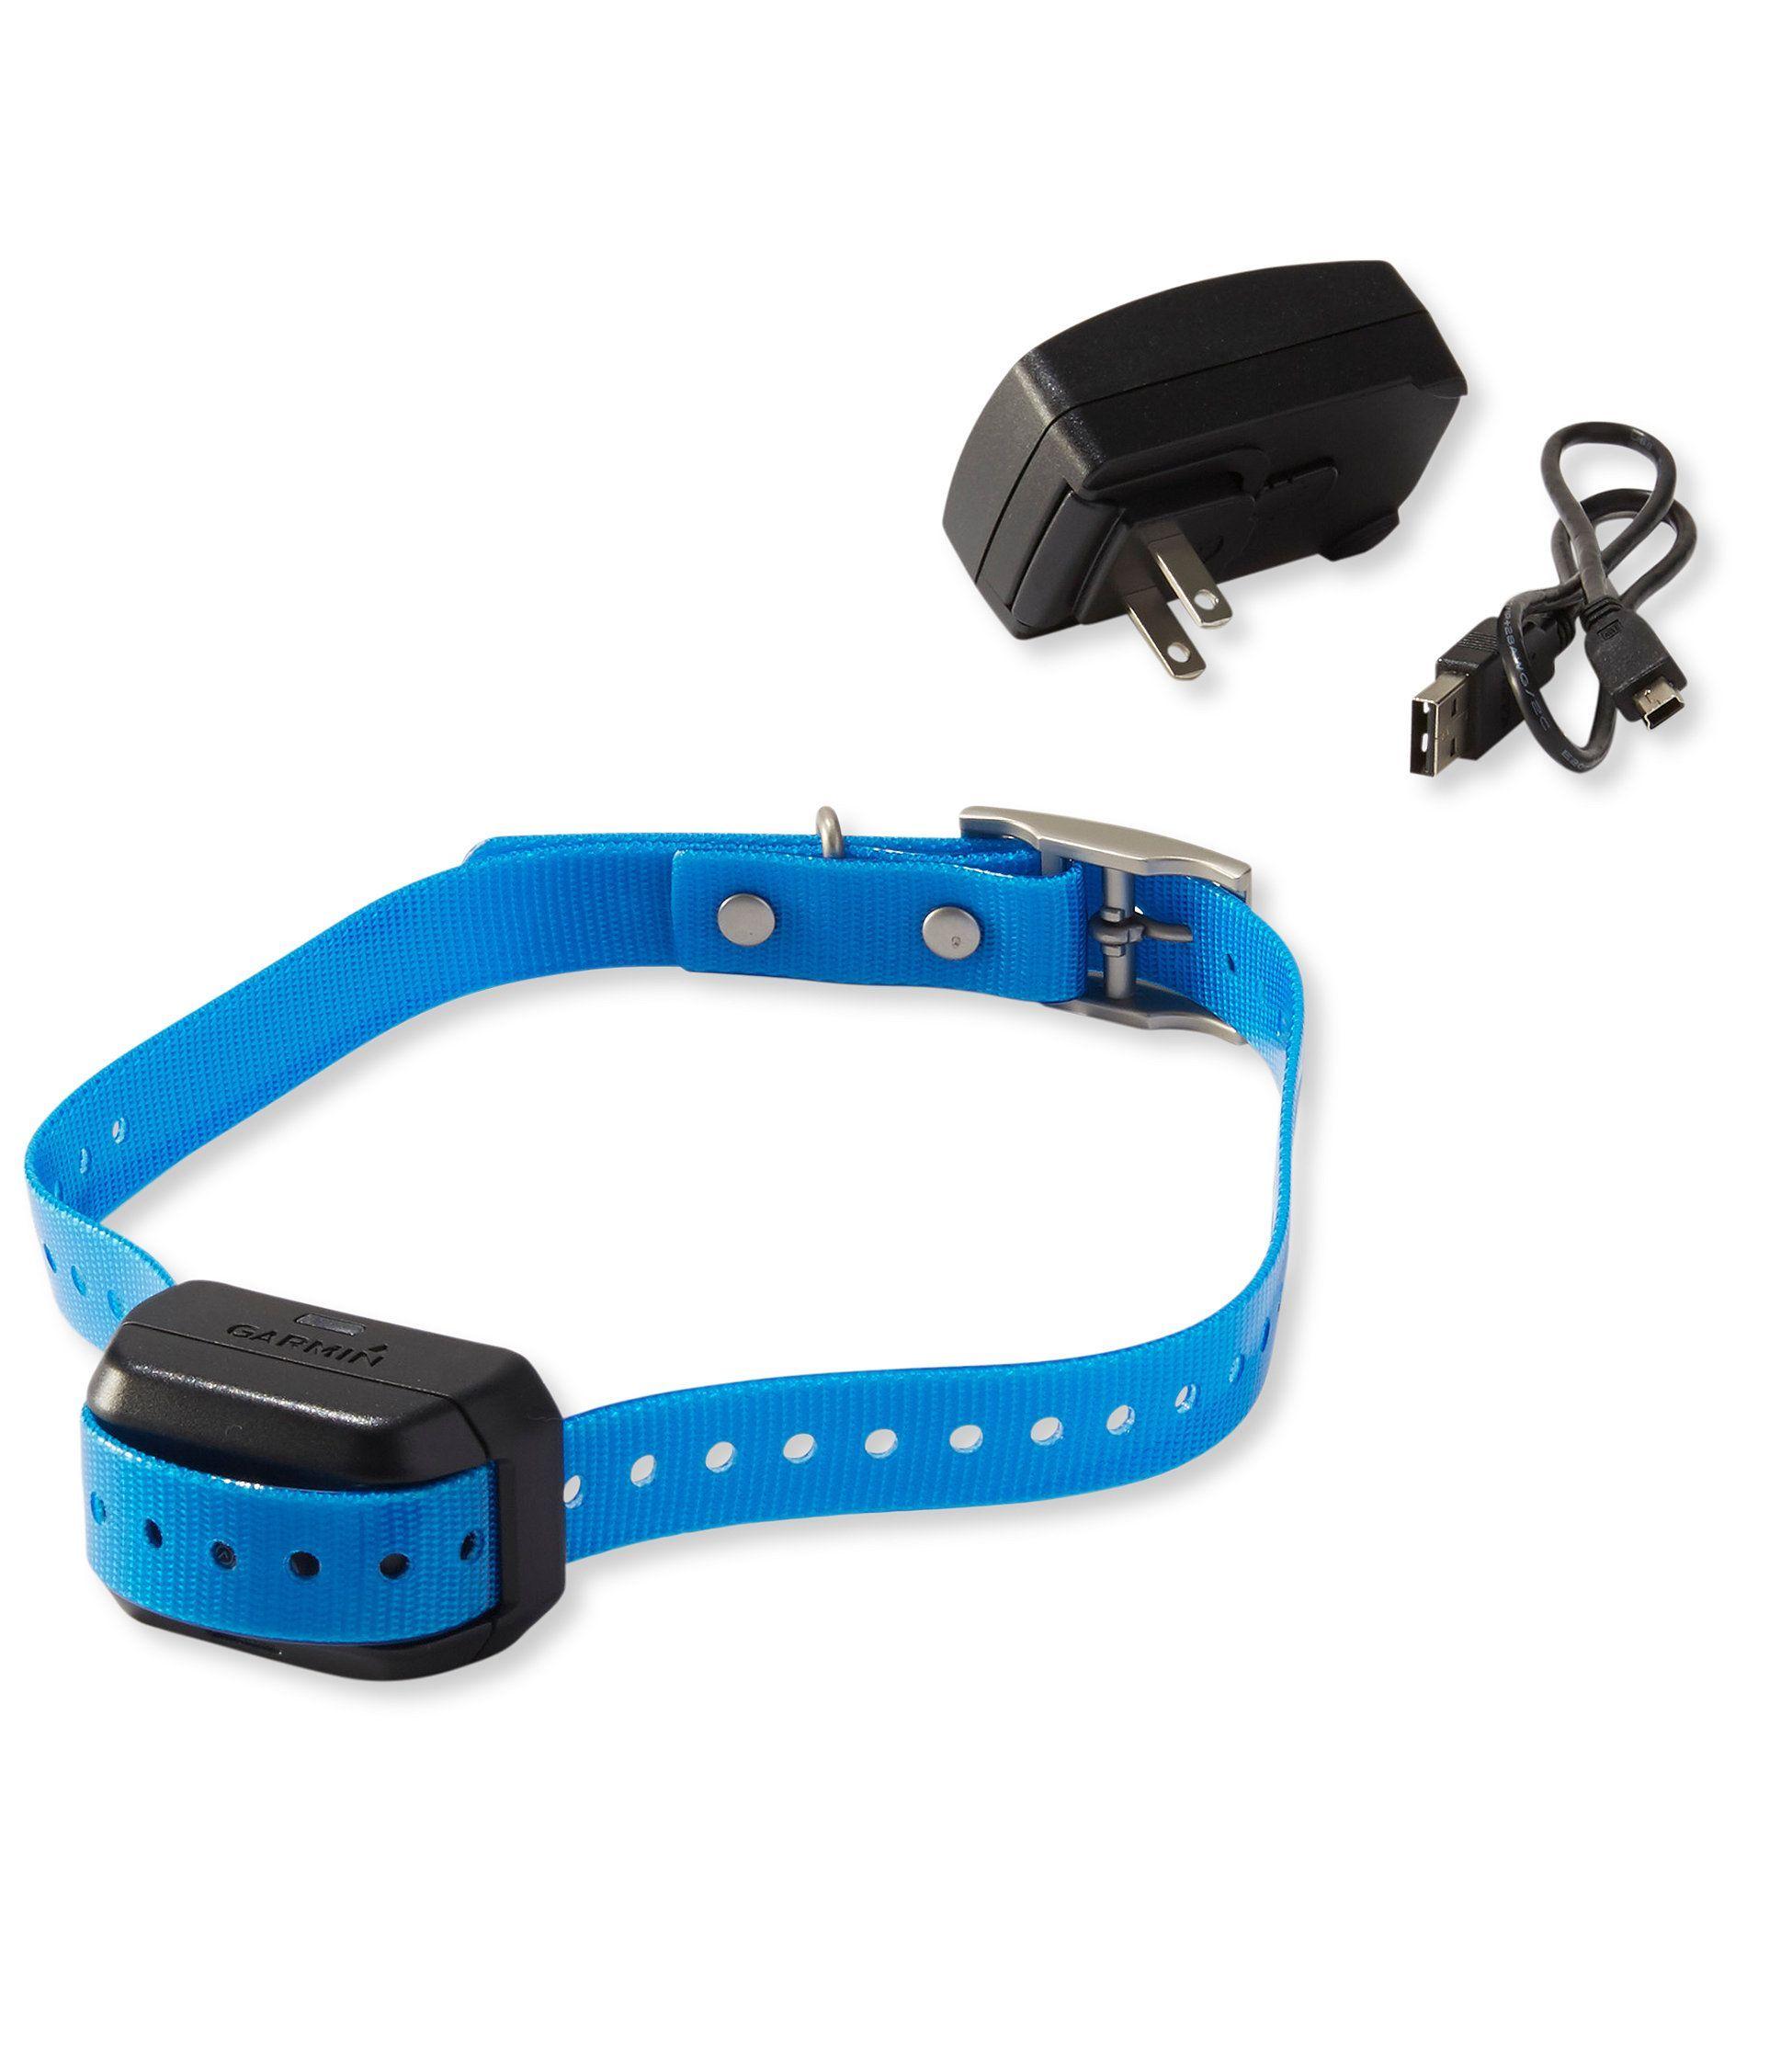 Garmin Delta Xc Dog Training System Spare Collar Dog Training